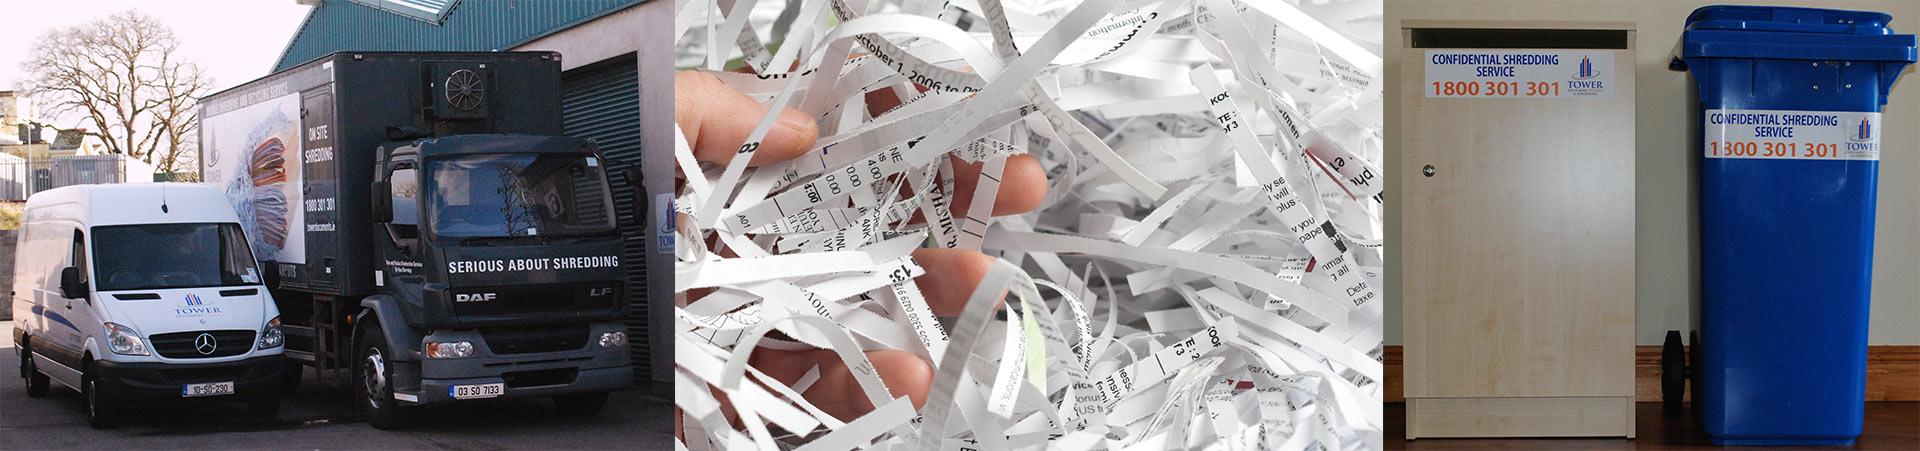 Tower Document Shredding